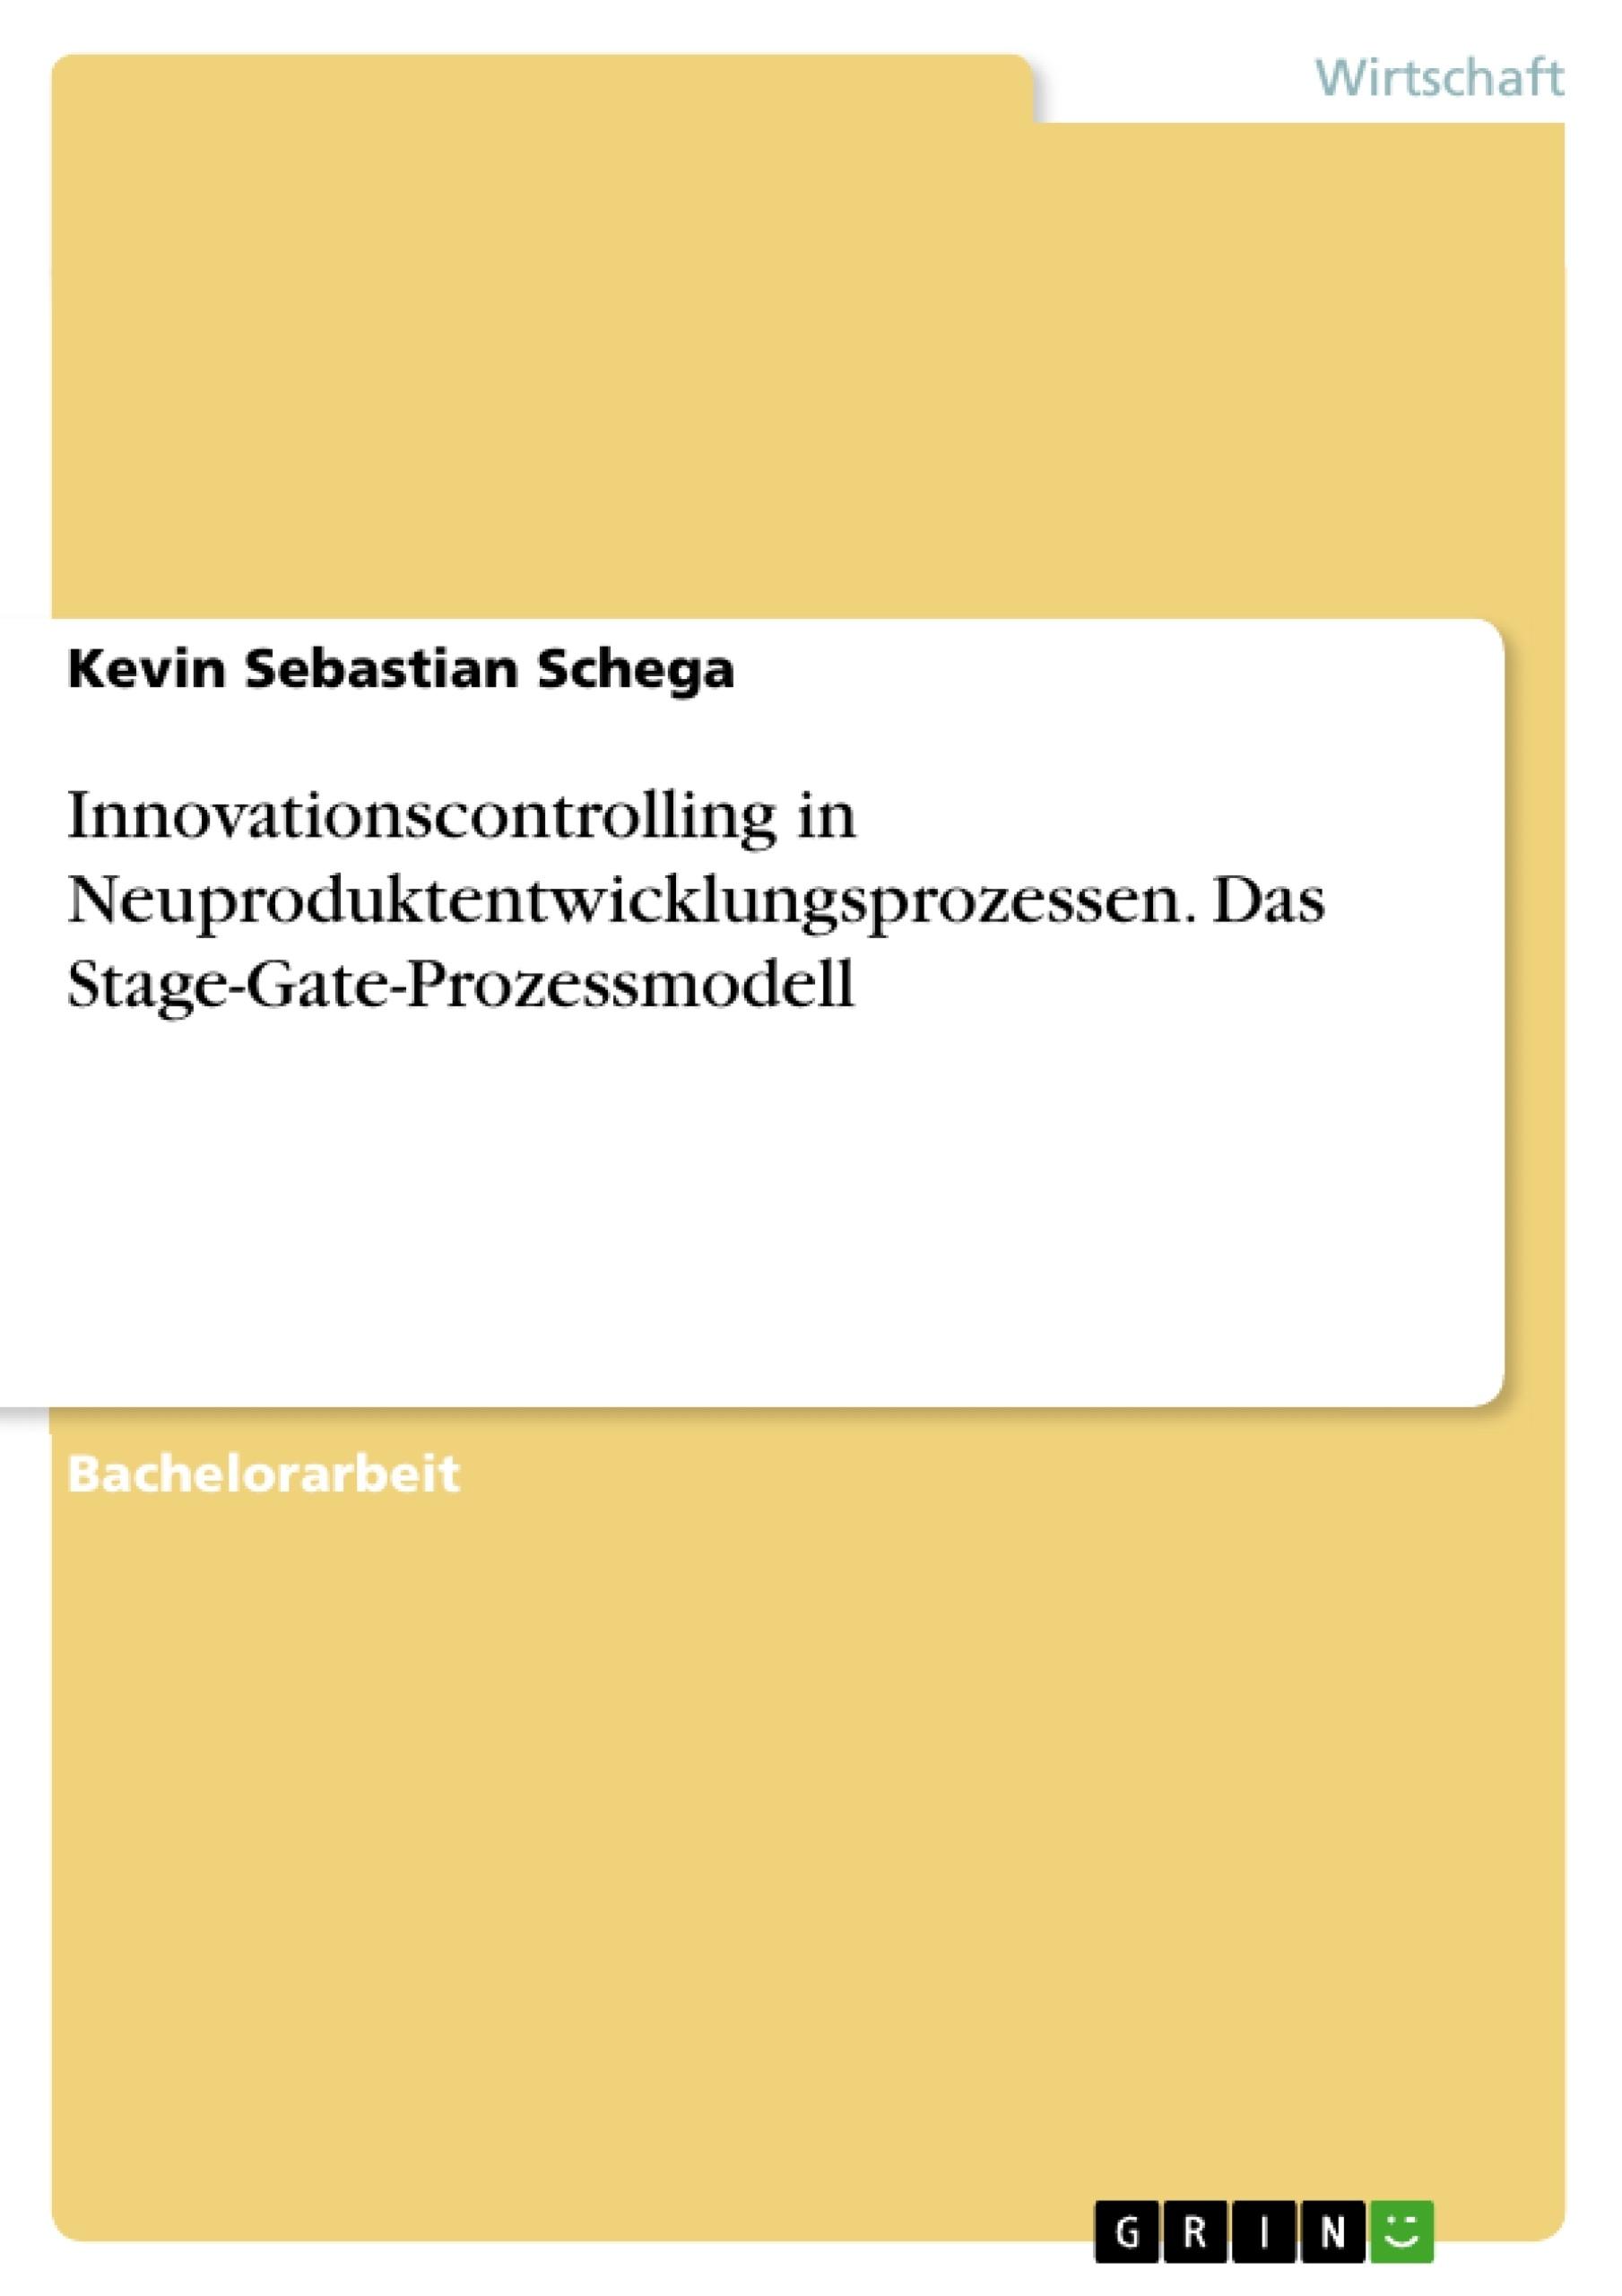 Titel: Innovationscontrolling in Neuproduktentwicklungsprozessen. Das Stage-Gate-Prozessmodell